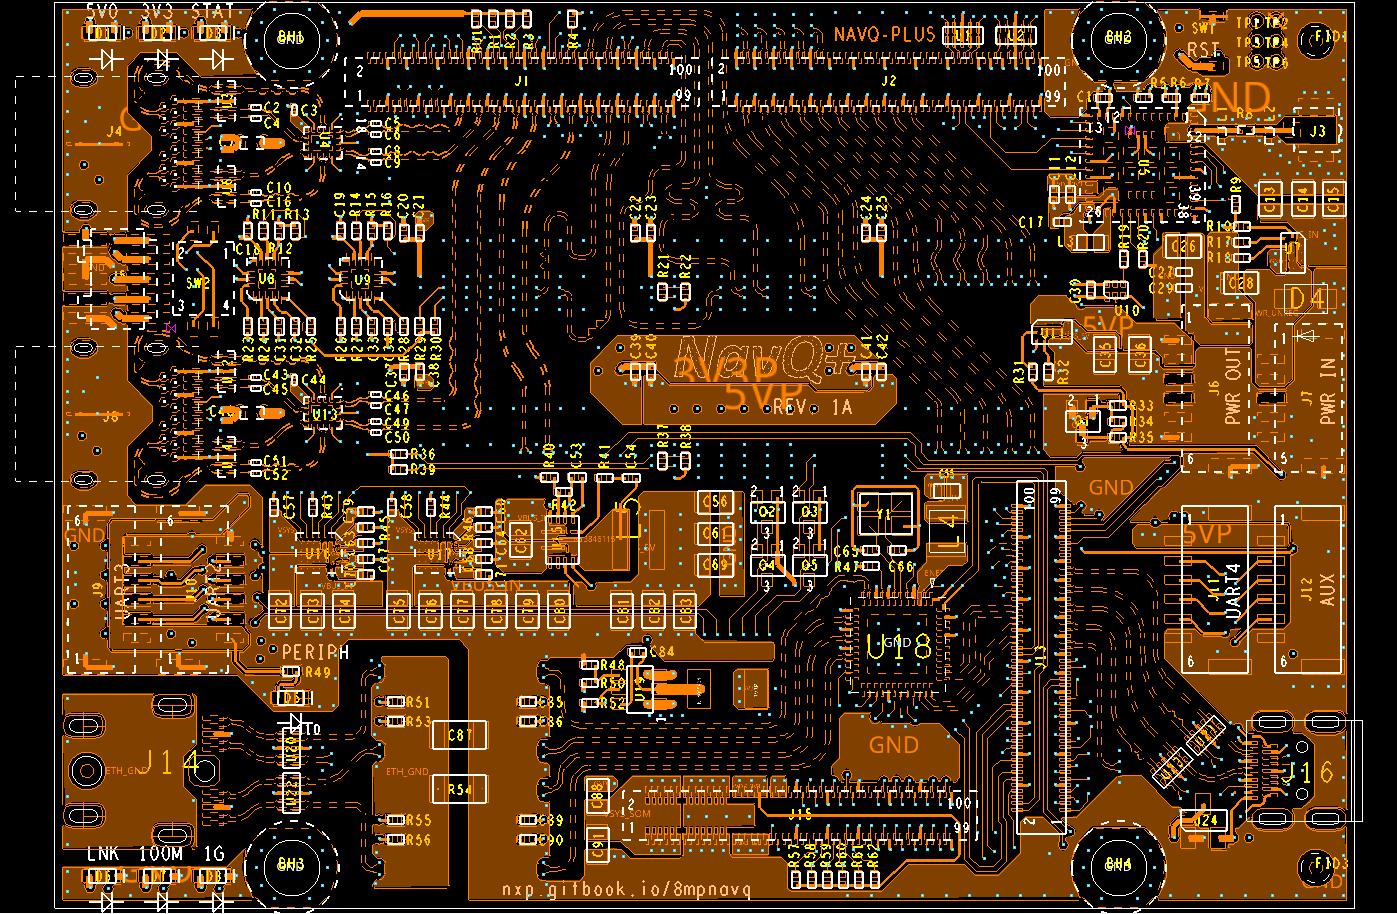 Да, каждый проводник, каждый разьем, каждый компонент поставлен вручную.